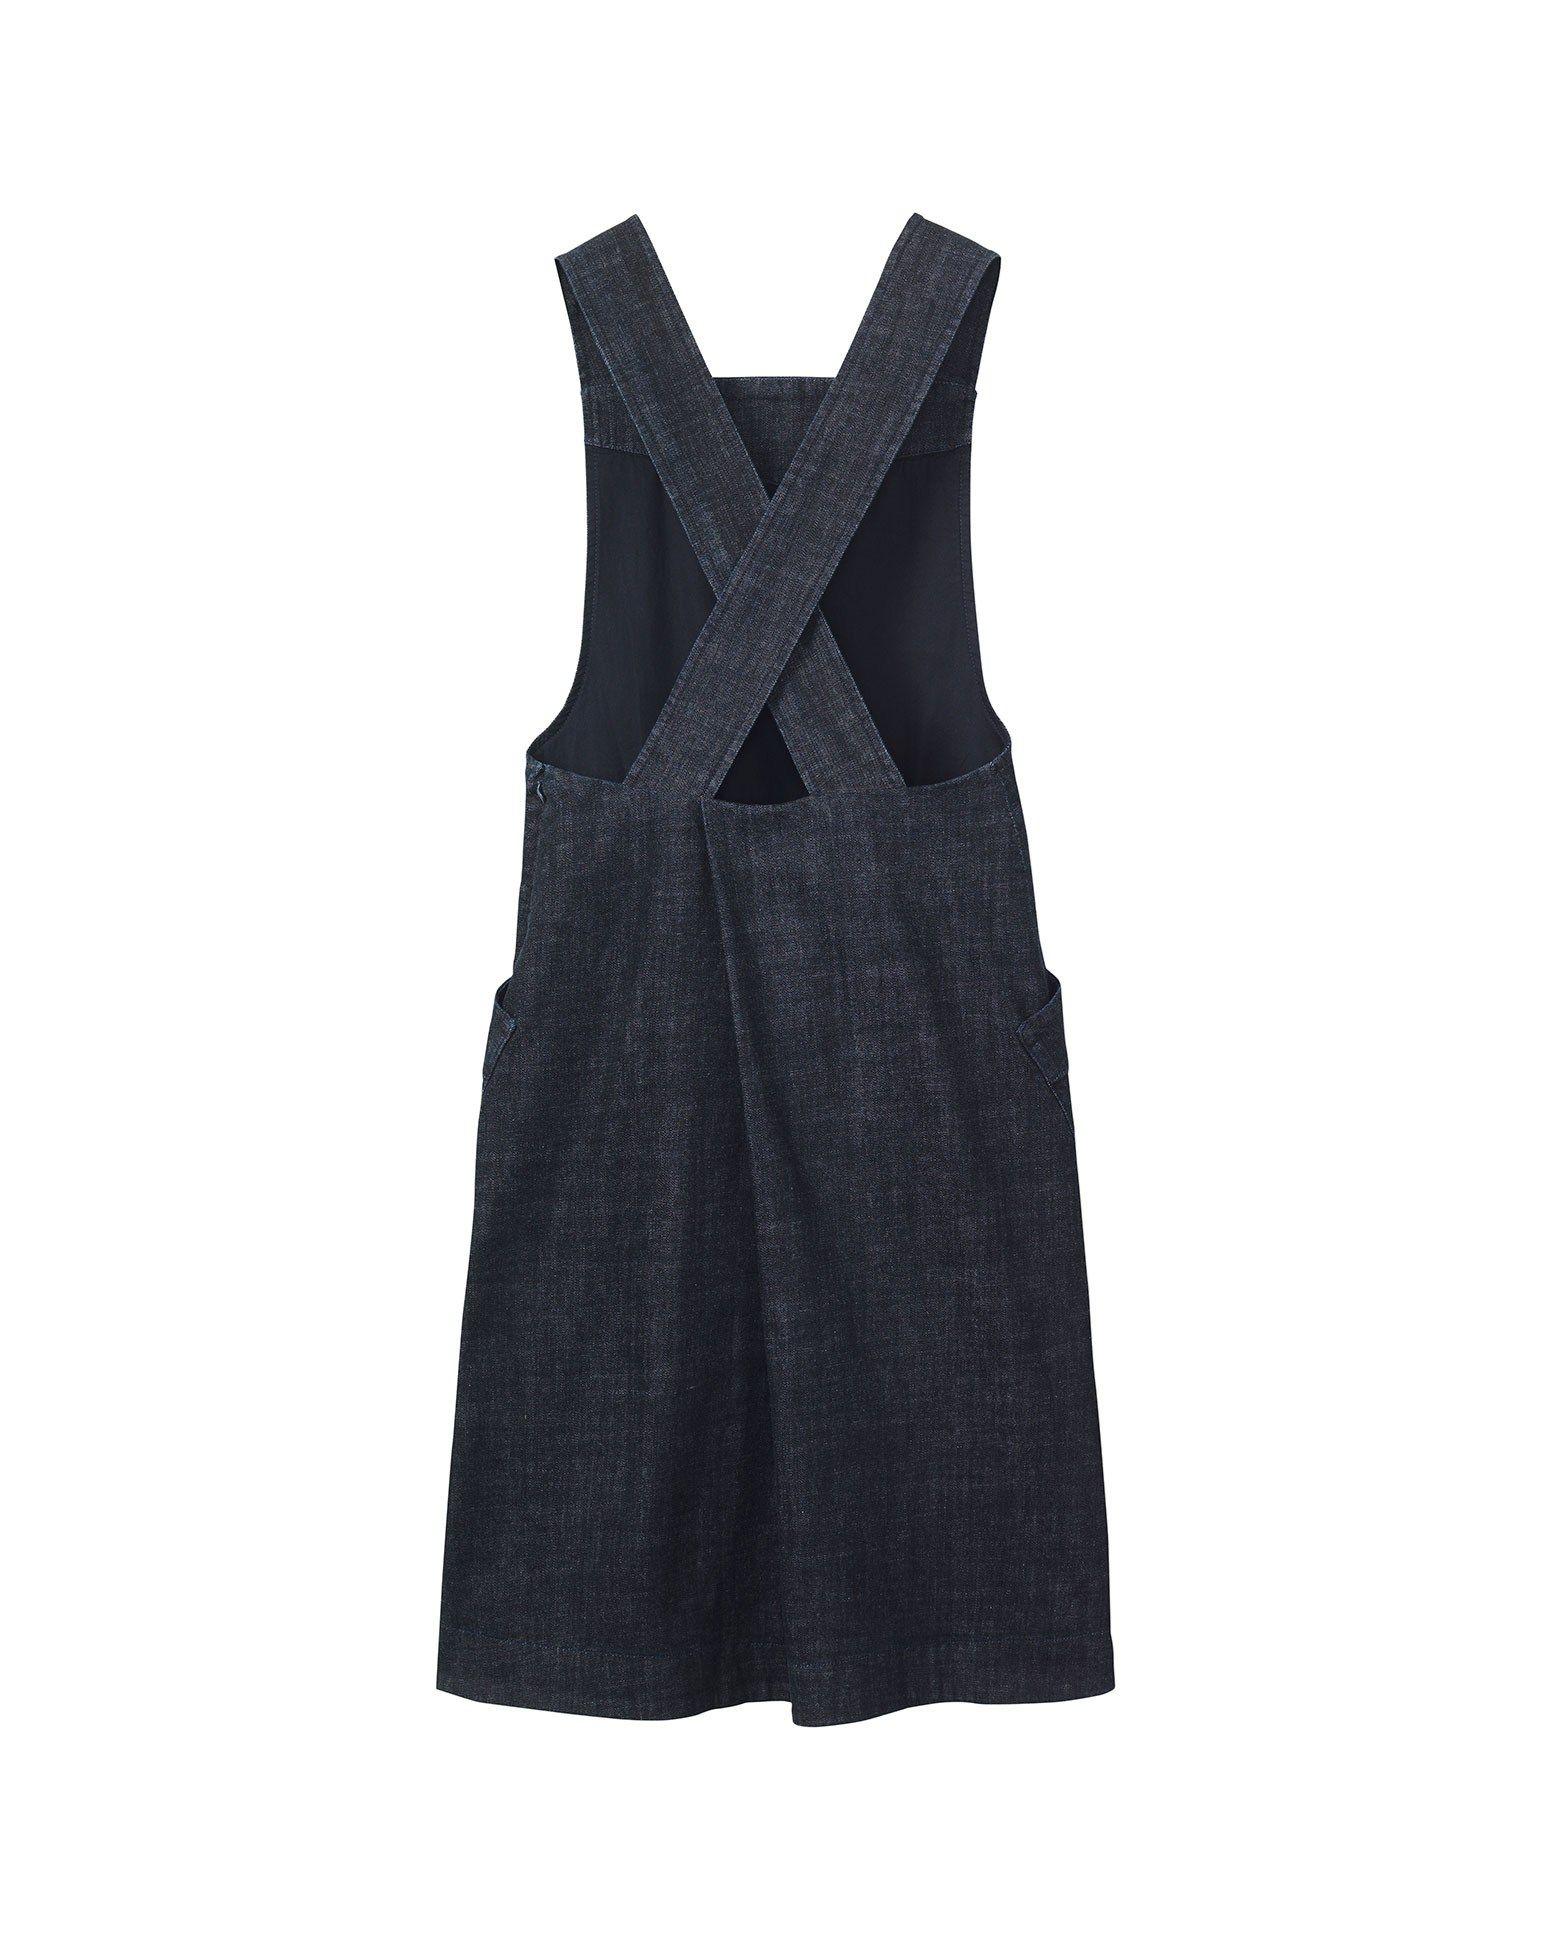 White apron pinafore - Denim Emmet Dress Pinafore Front Dress In Deep Indigo Dyed Denim